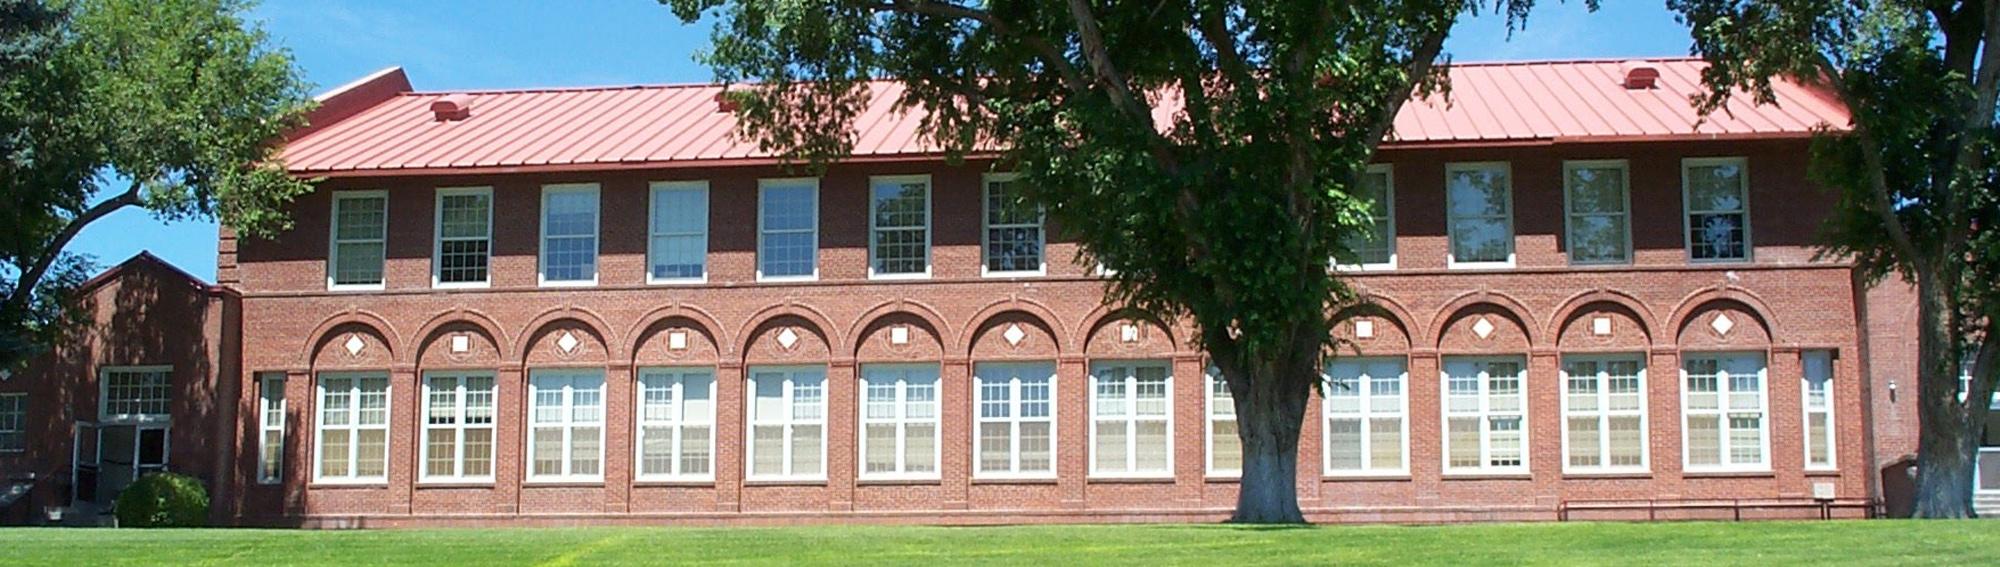 Front of Elko High School